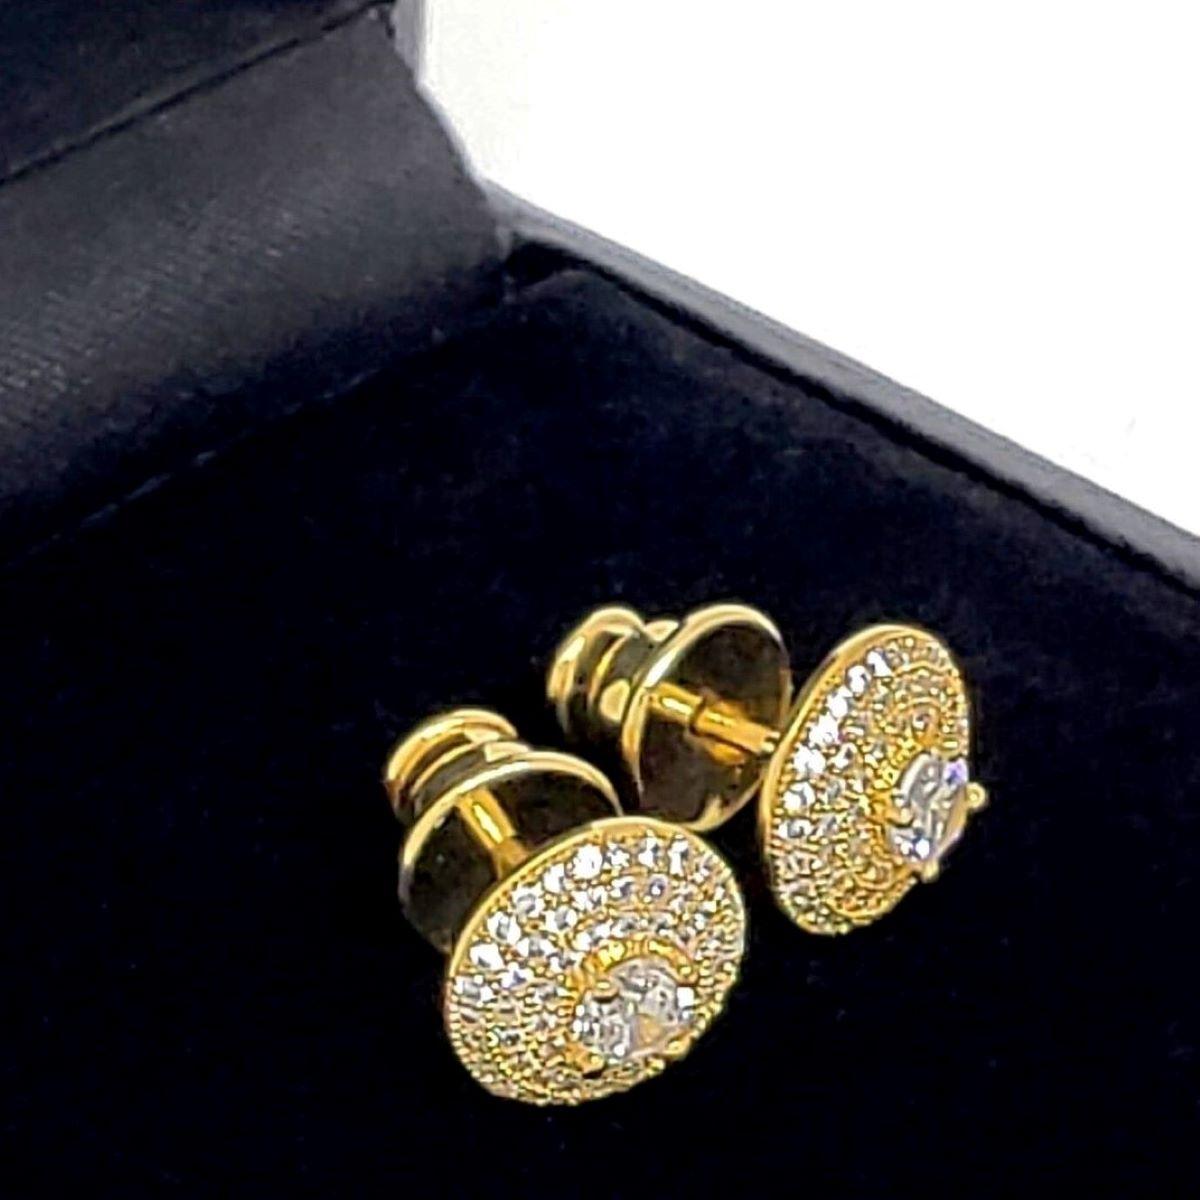 Brincos Botão Cravejado Com Zirconias Banho De Ouro 18k 1407